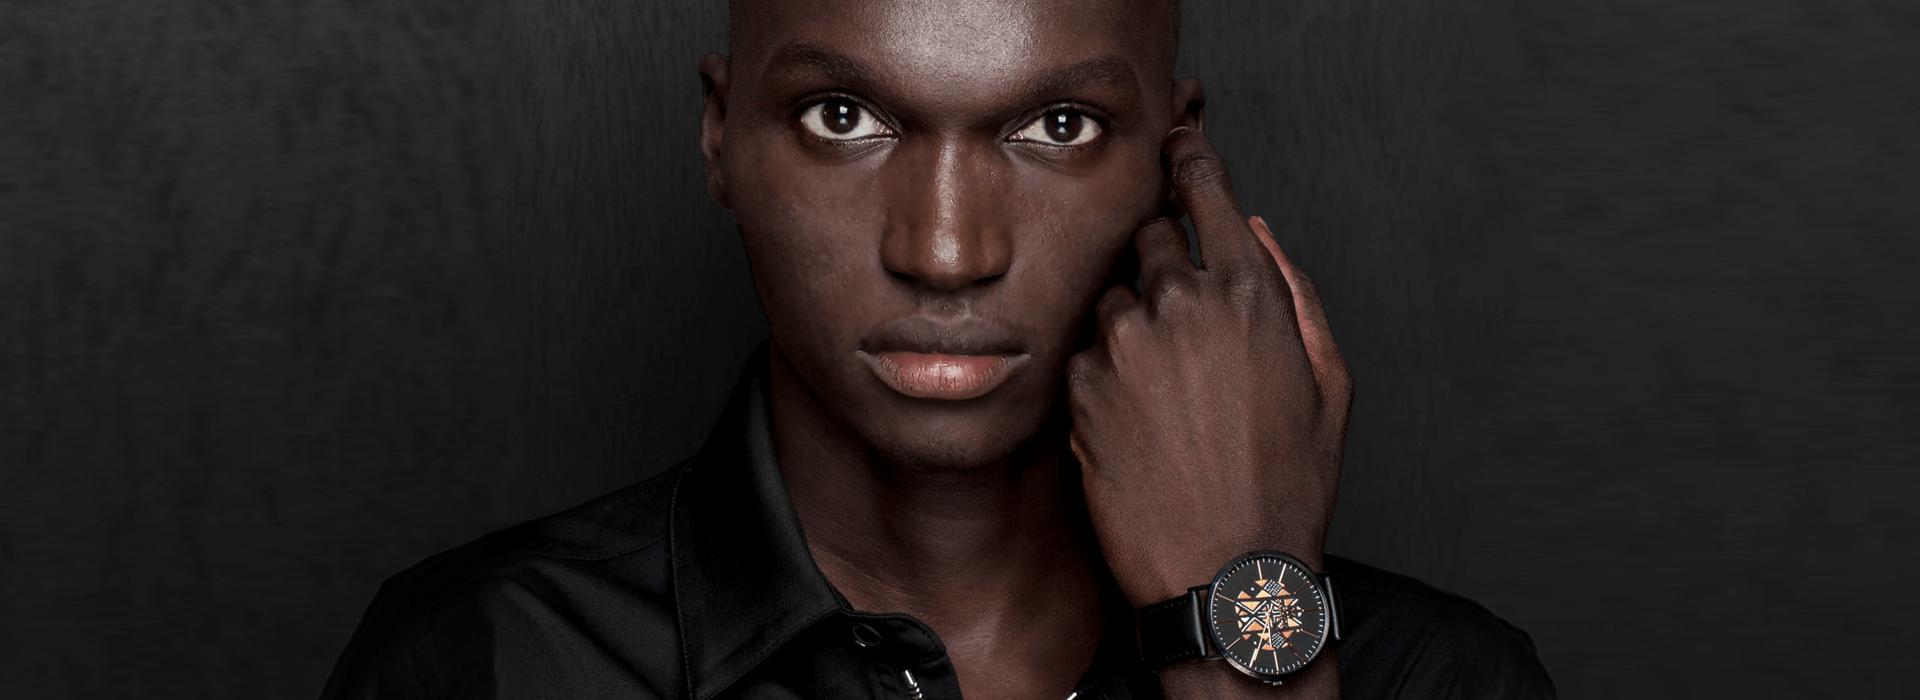 Montres et accessoires au Sénégal